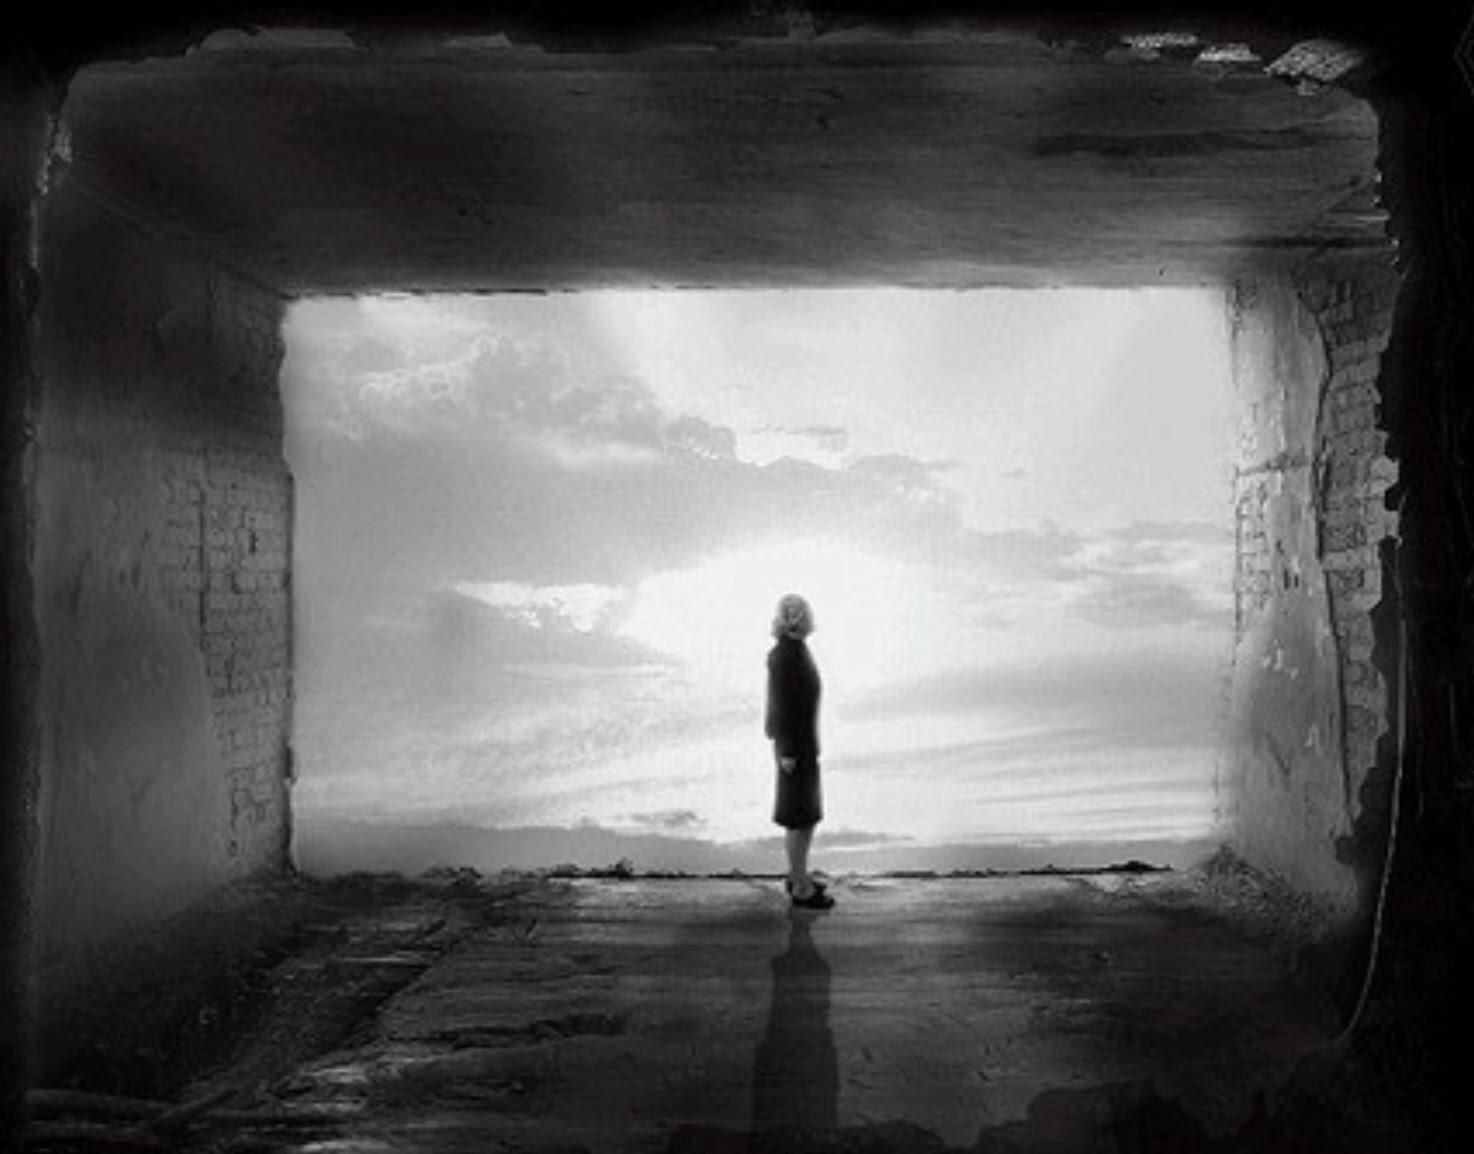 Картинки о пустоте и депрессии со смыслом